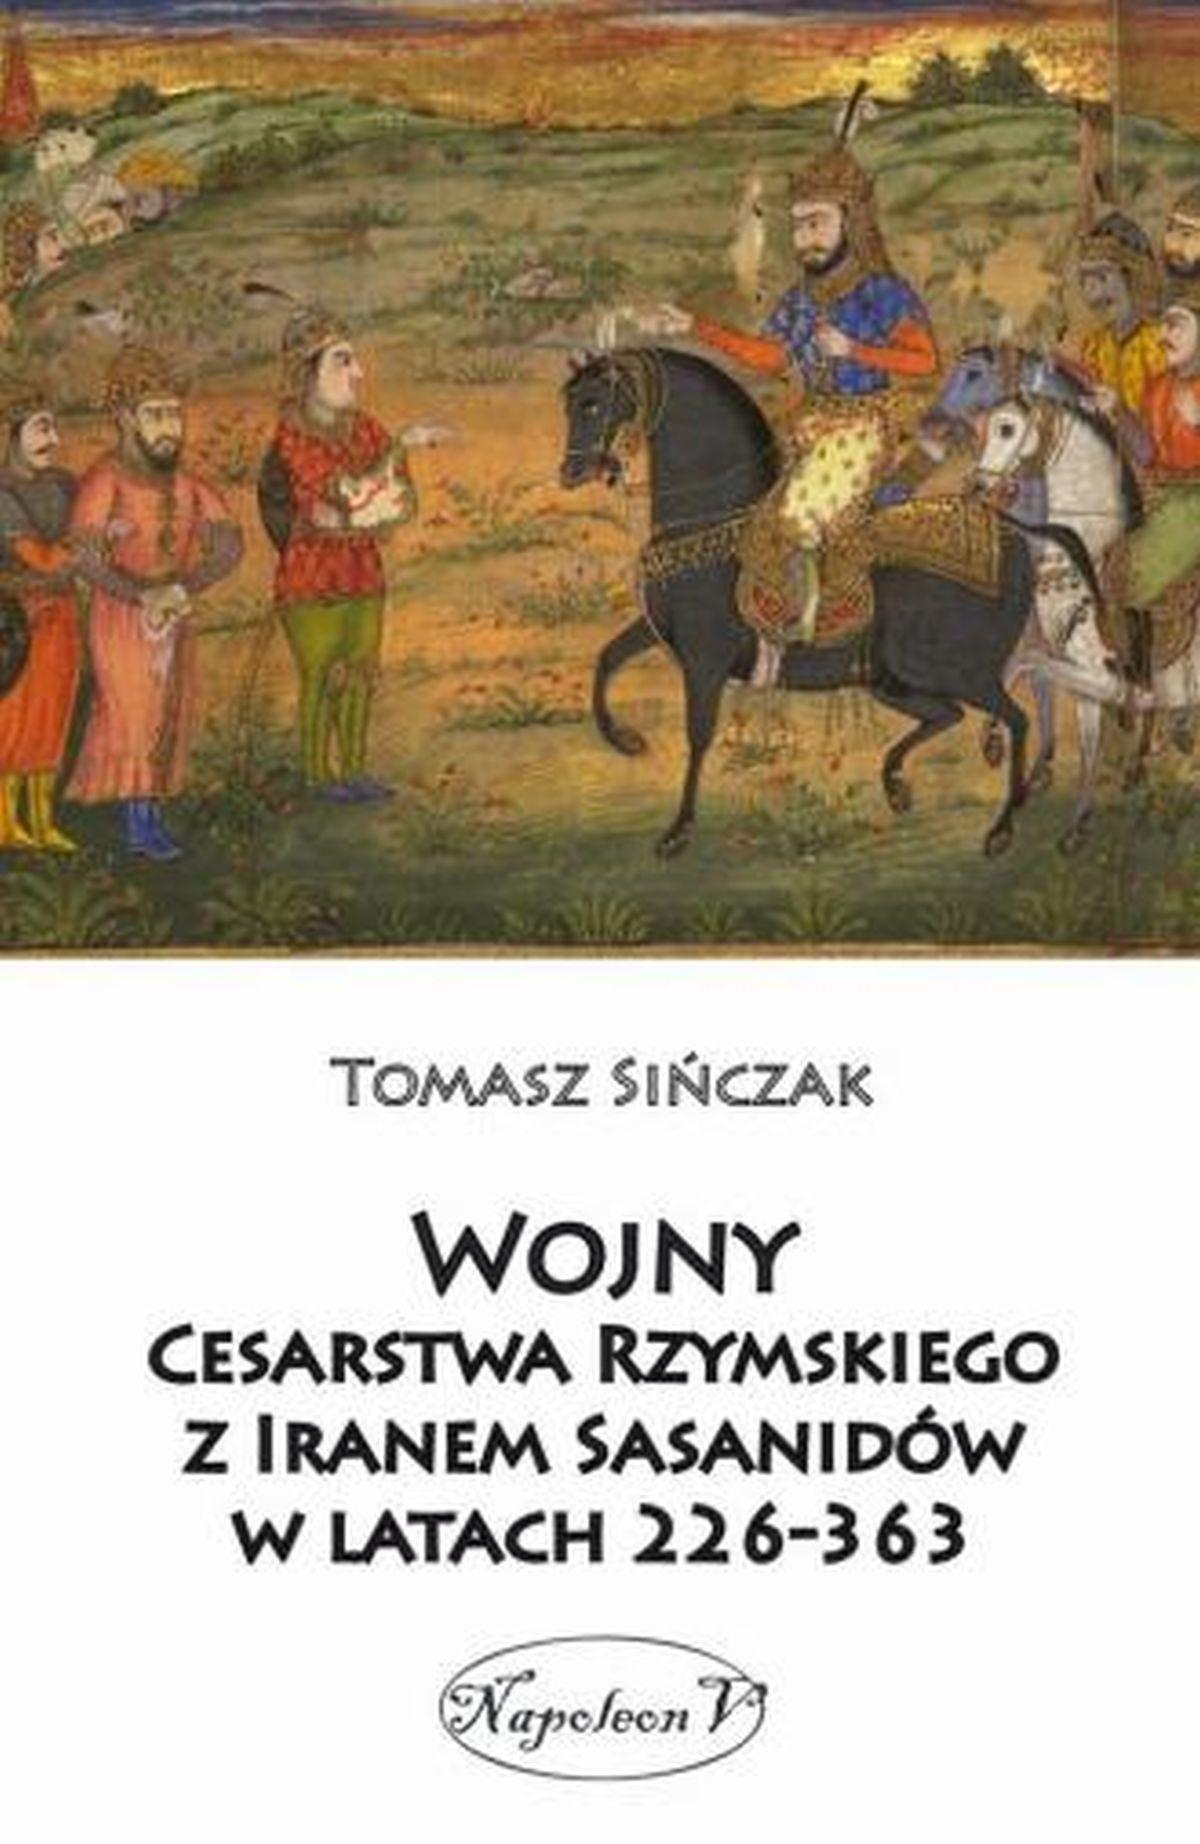 Tomasz Sińczak, Wojny Cesarstwa Rzymskiego z Iranem Sasanidów